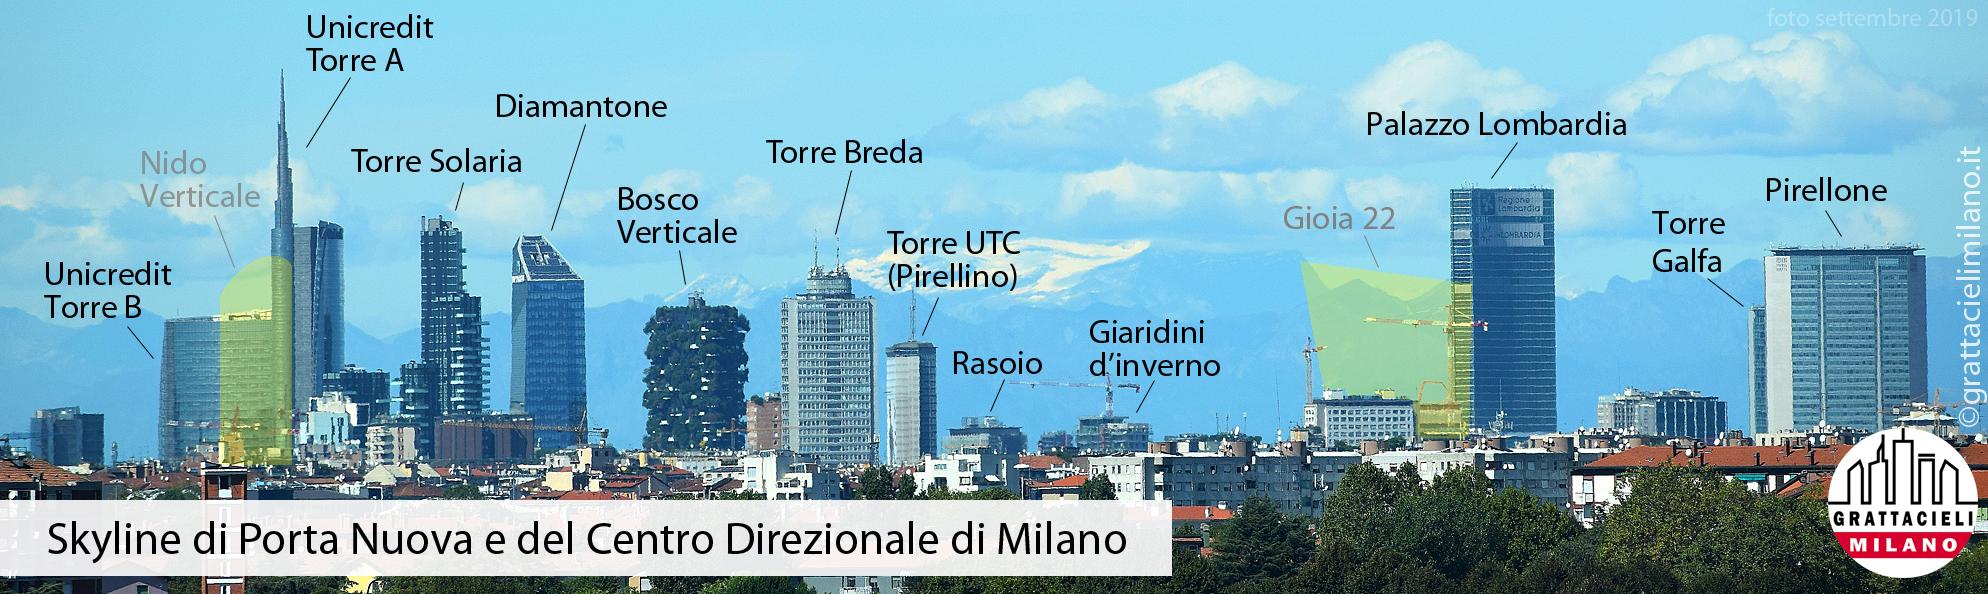 Skyline di Milano, zona porta nuova e centro direzionale